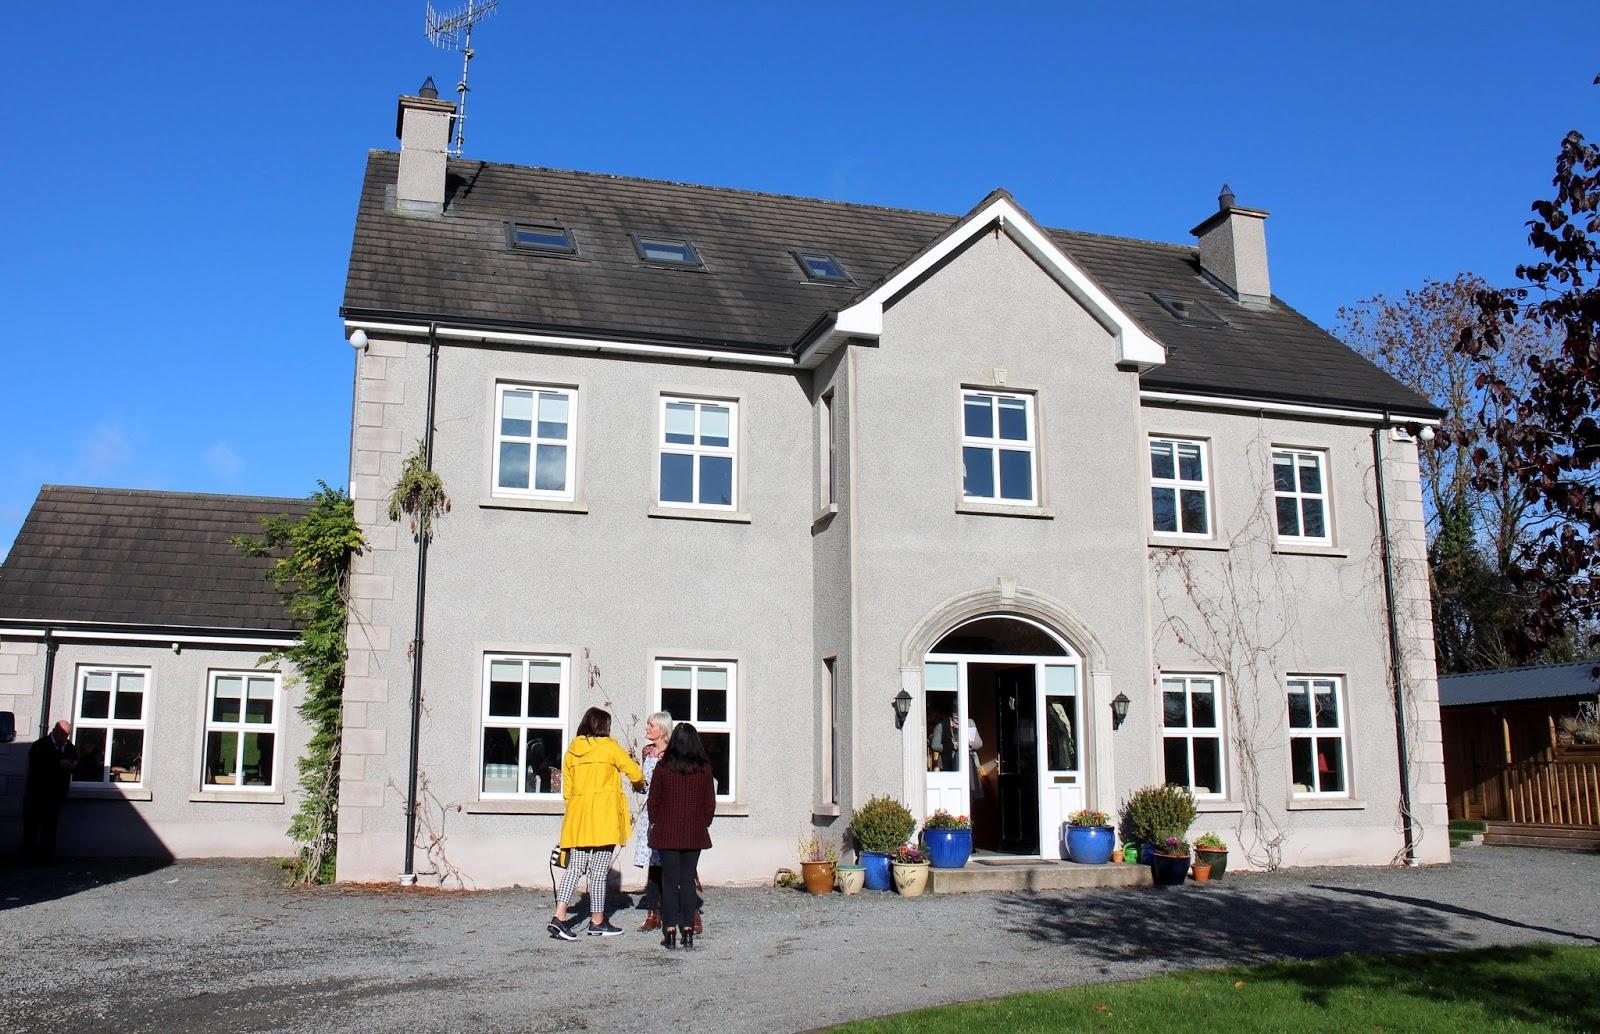 Rural Ireland Airbnb Accommodation | HOLIDAYezine